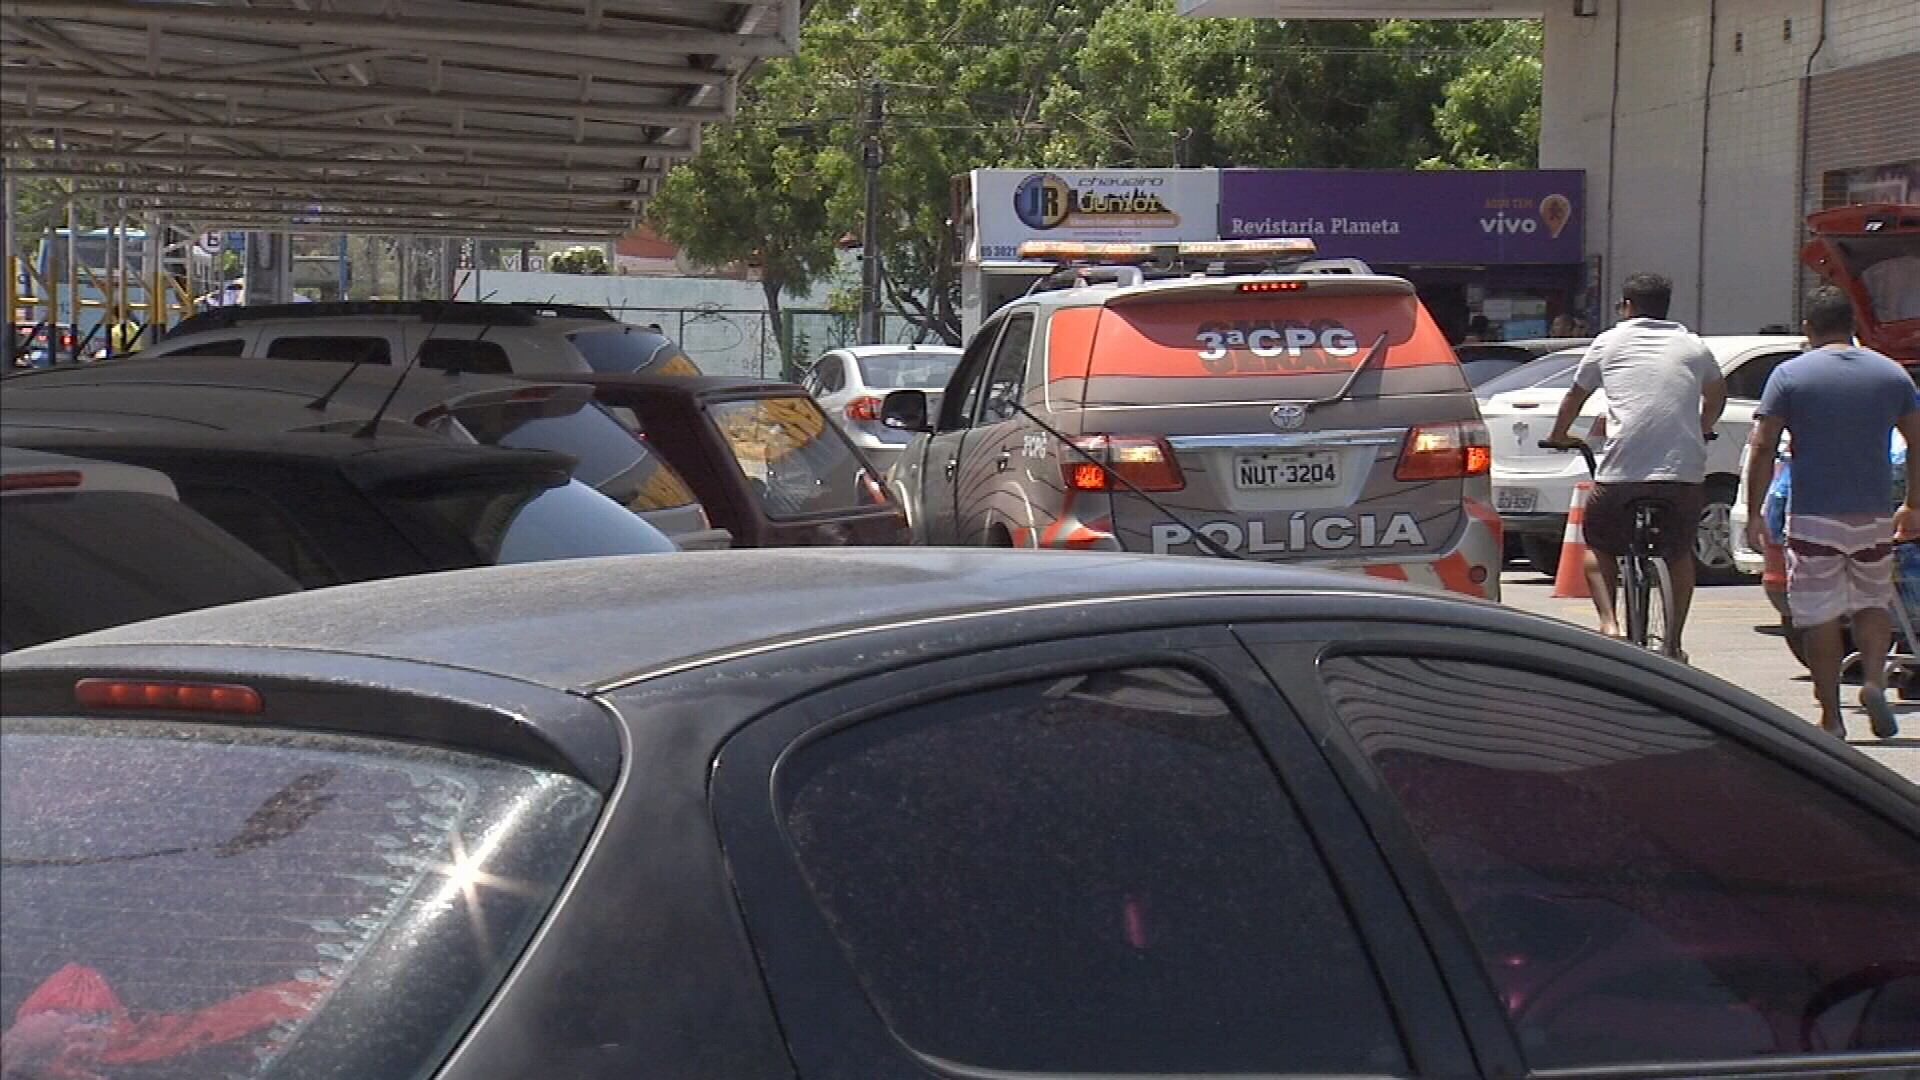 Homem reage a assalto e é morto no estacionamento de supermercado, em Fortaleza